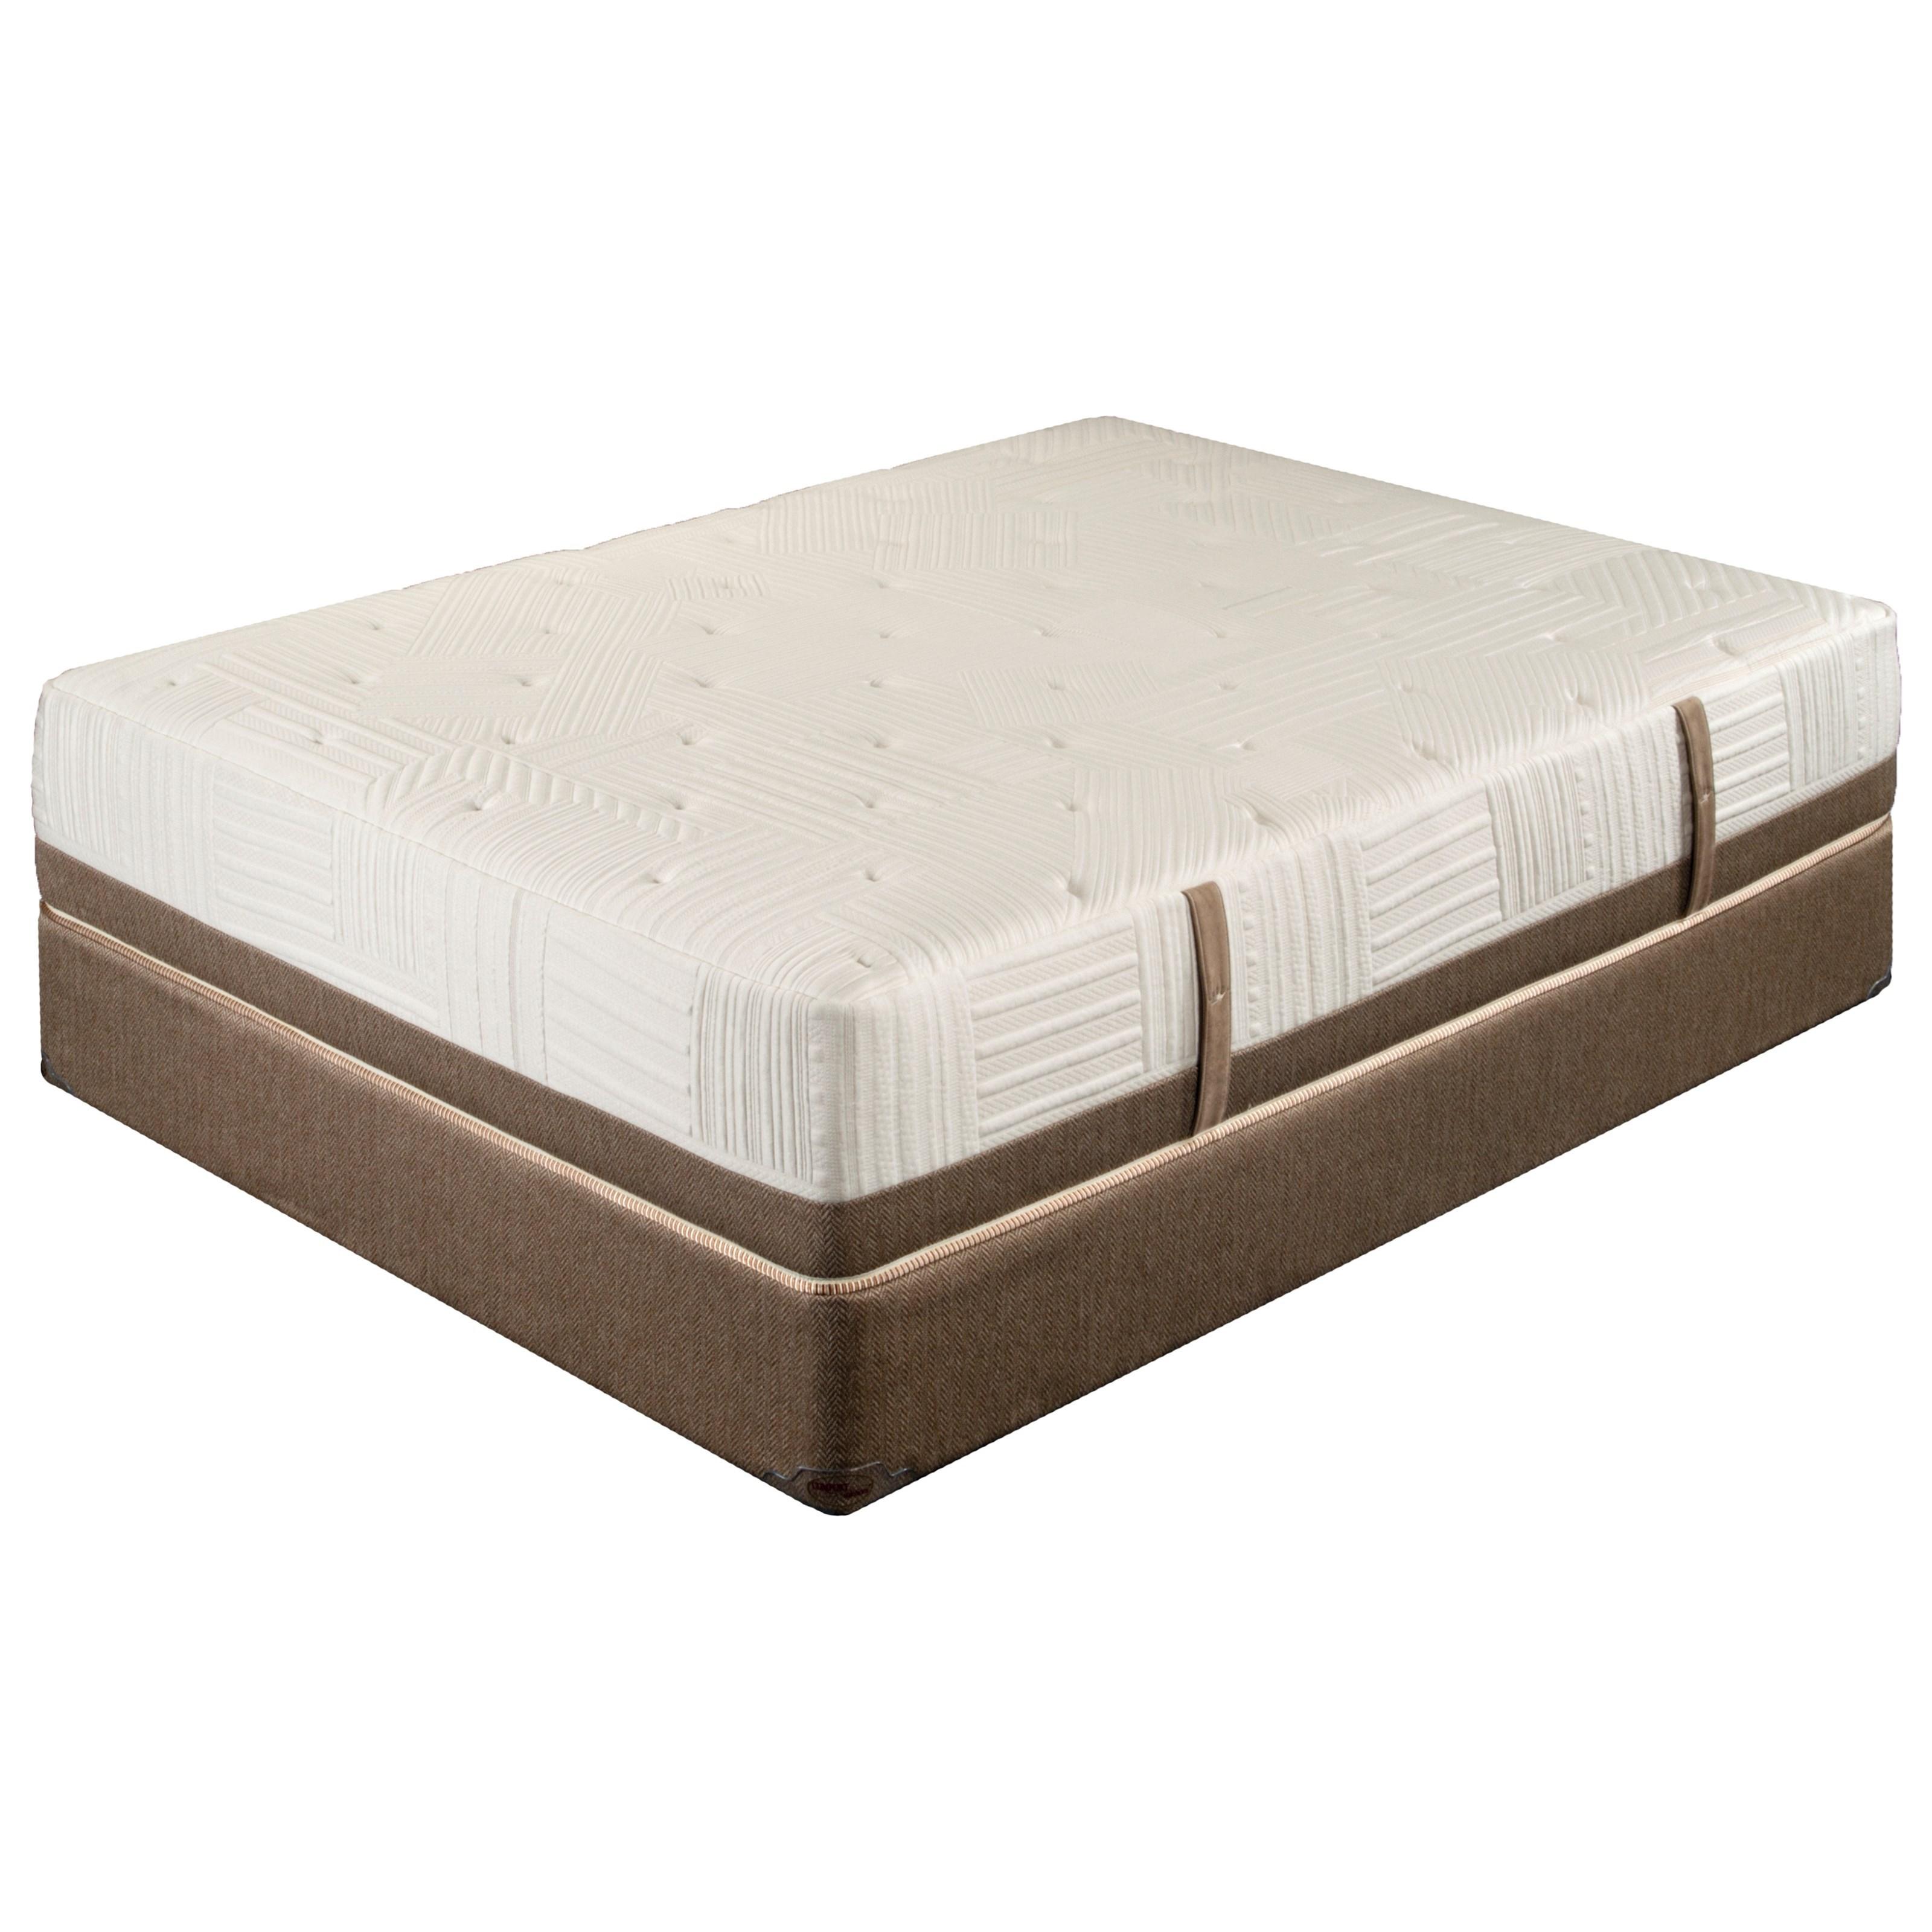 KKXL 3200 Queen Extended Life Cushion Firm Mattress by King Koil at Nassau Furniture and Mattress